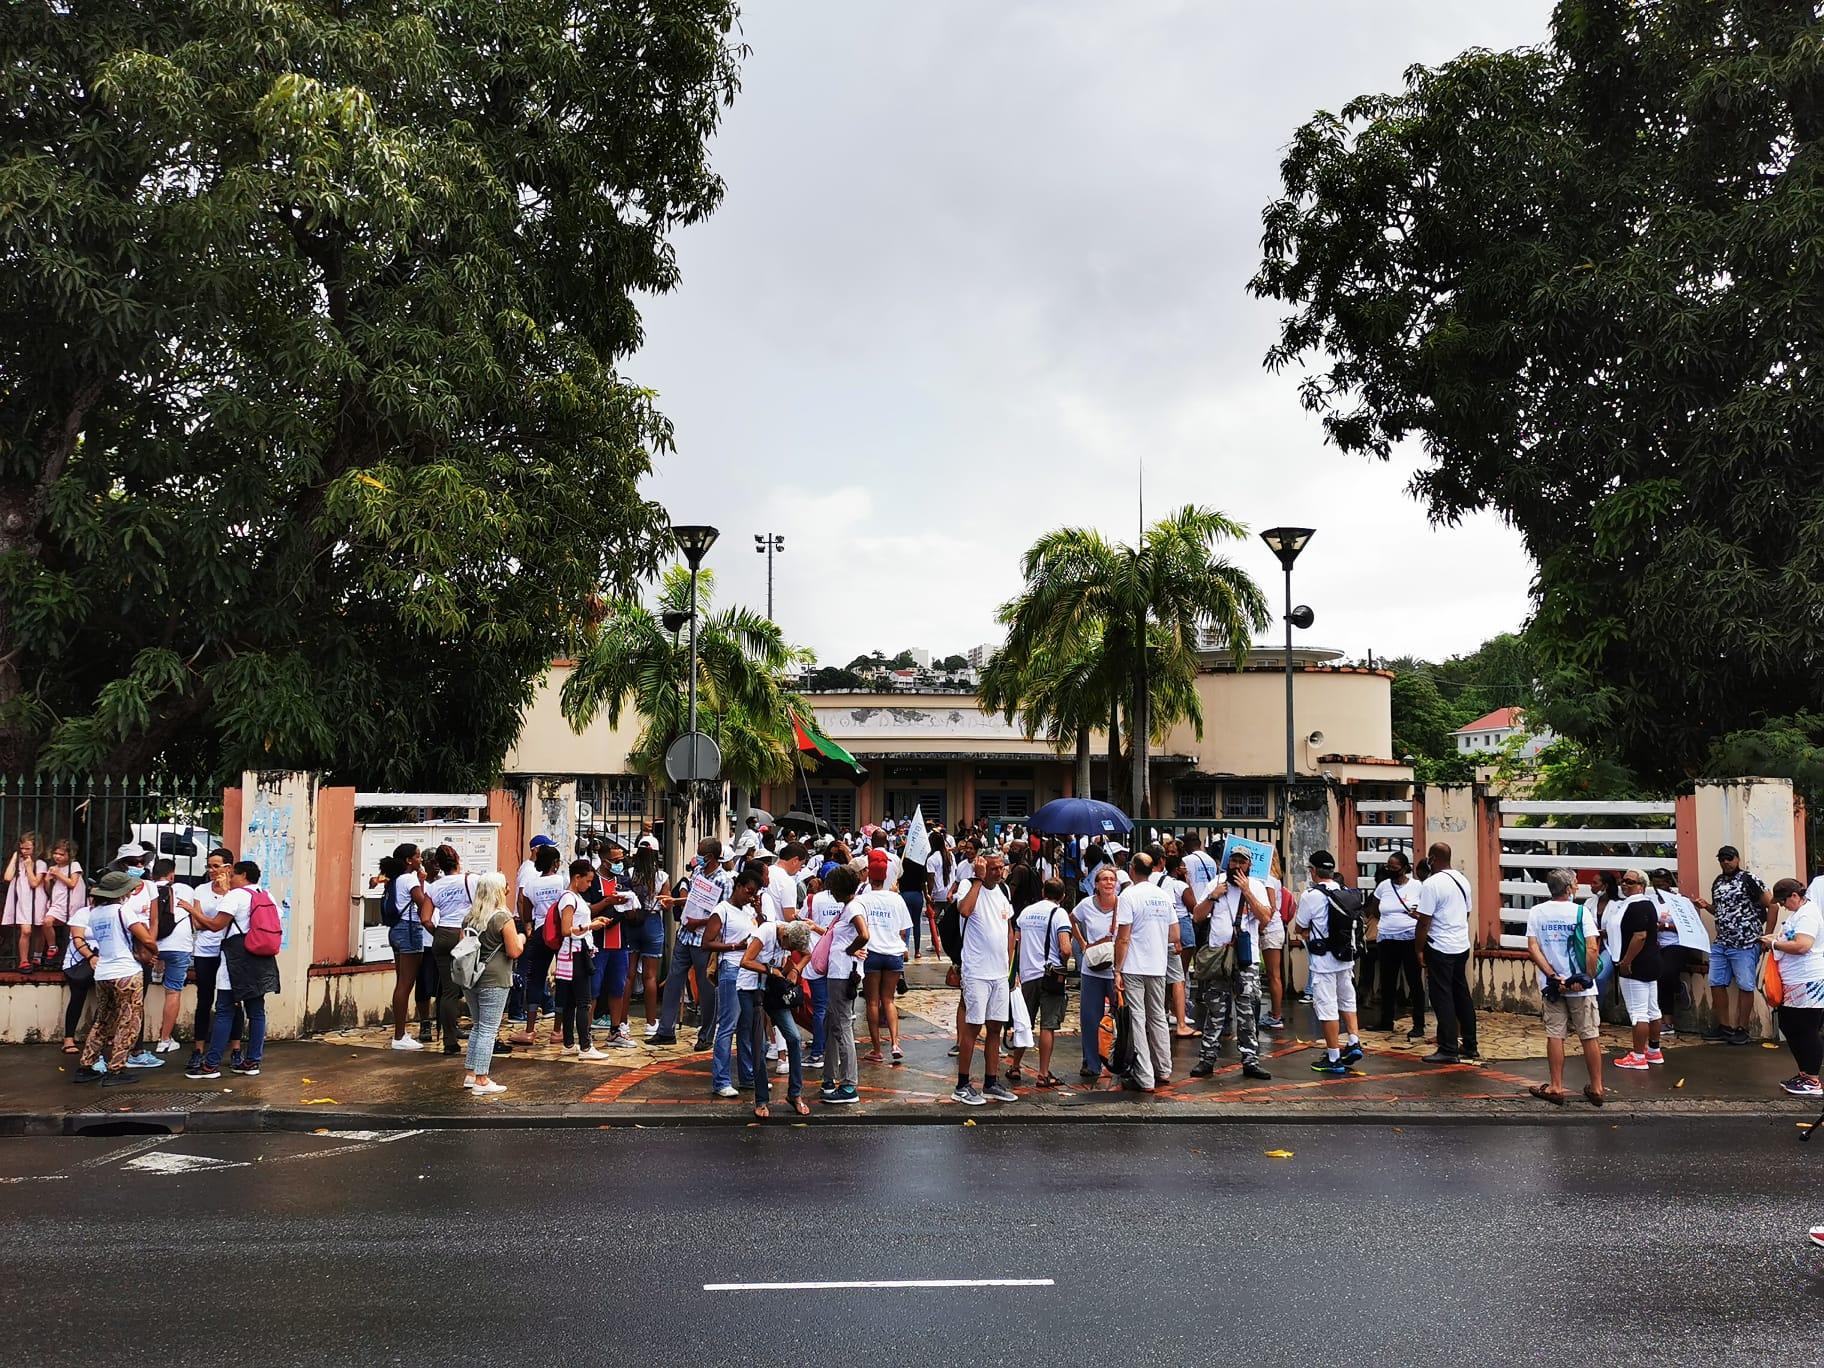 Troisième manifestation contre le passe sanitaire et l'obligation vaccinale en Martinique